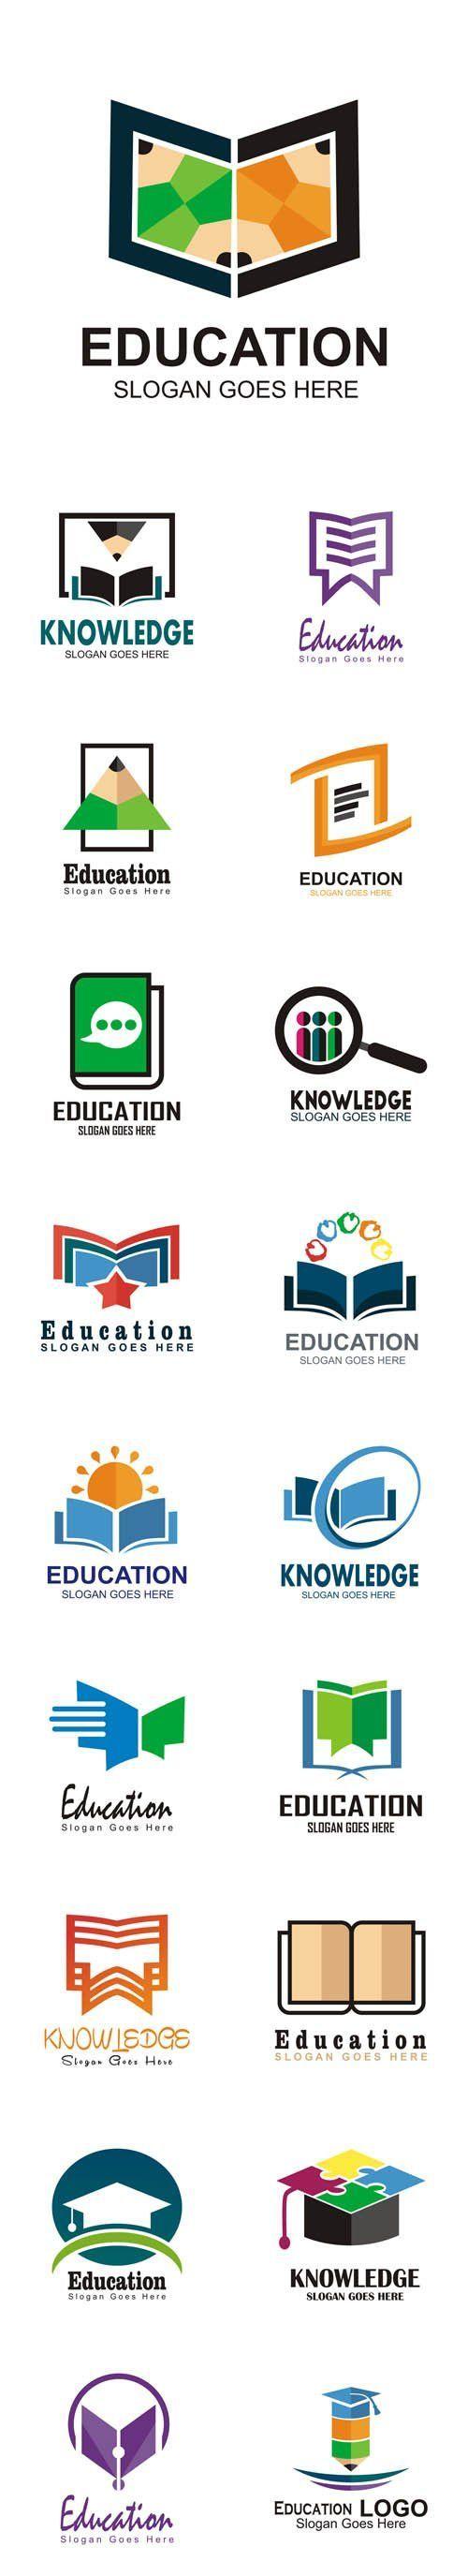 Vector Education Logos Study Symbol Graduation Icon                                                                                                                                                                                 More